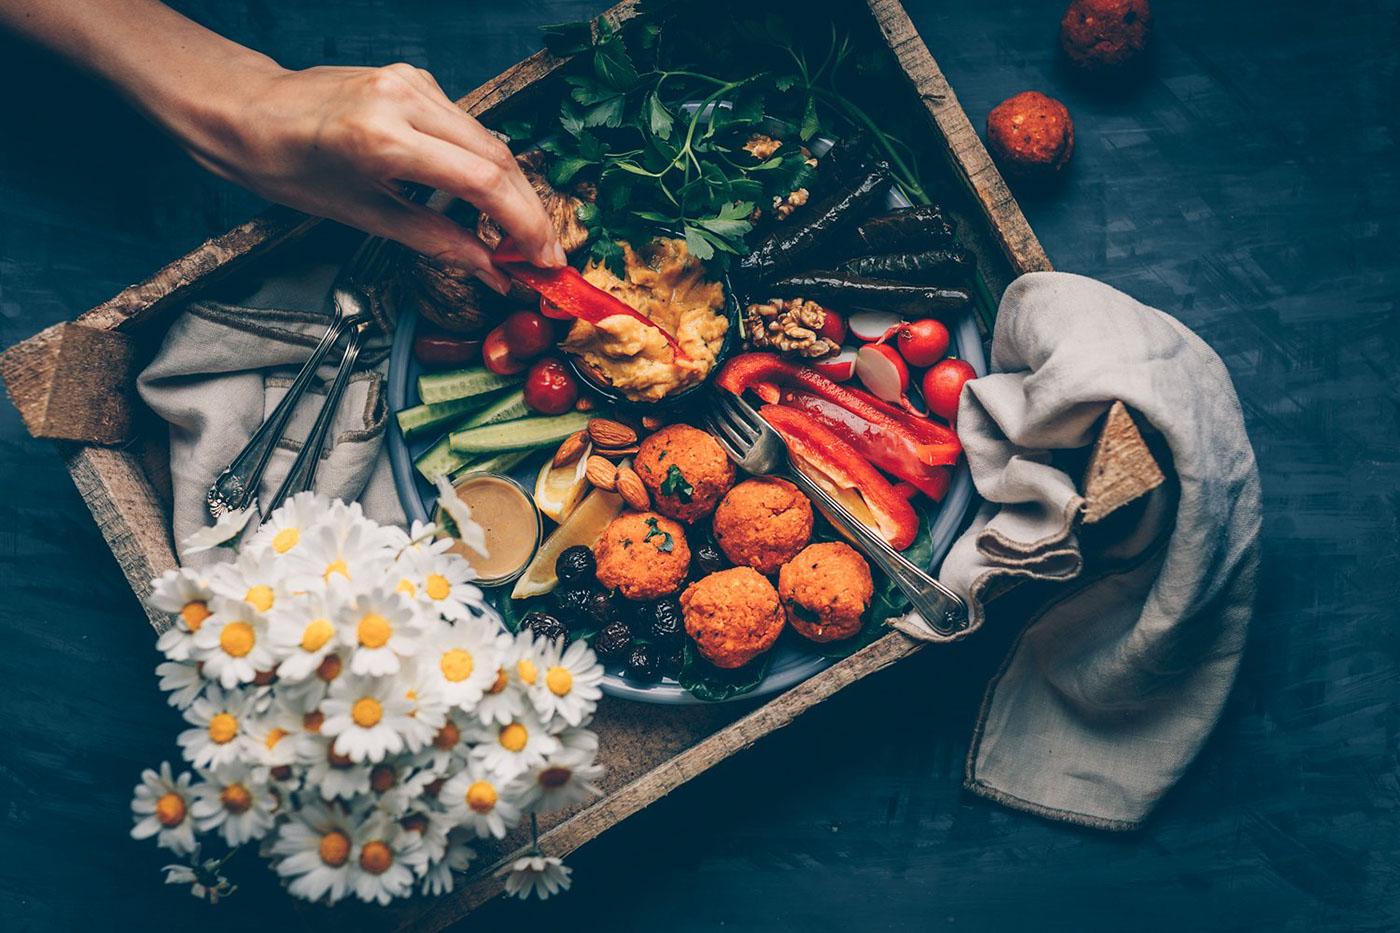 Food & Instagram Lightroom Presets FREE DOWNLOAD! on Behance